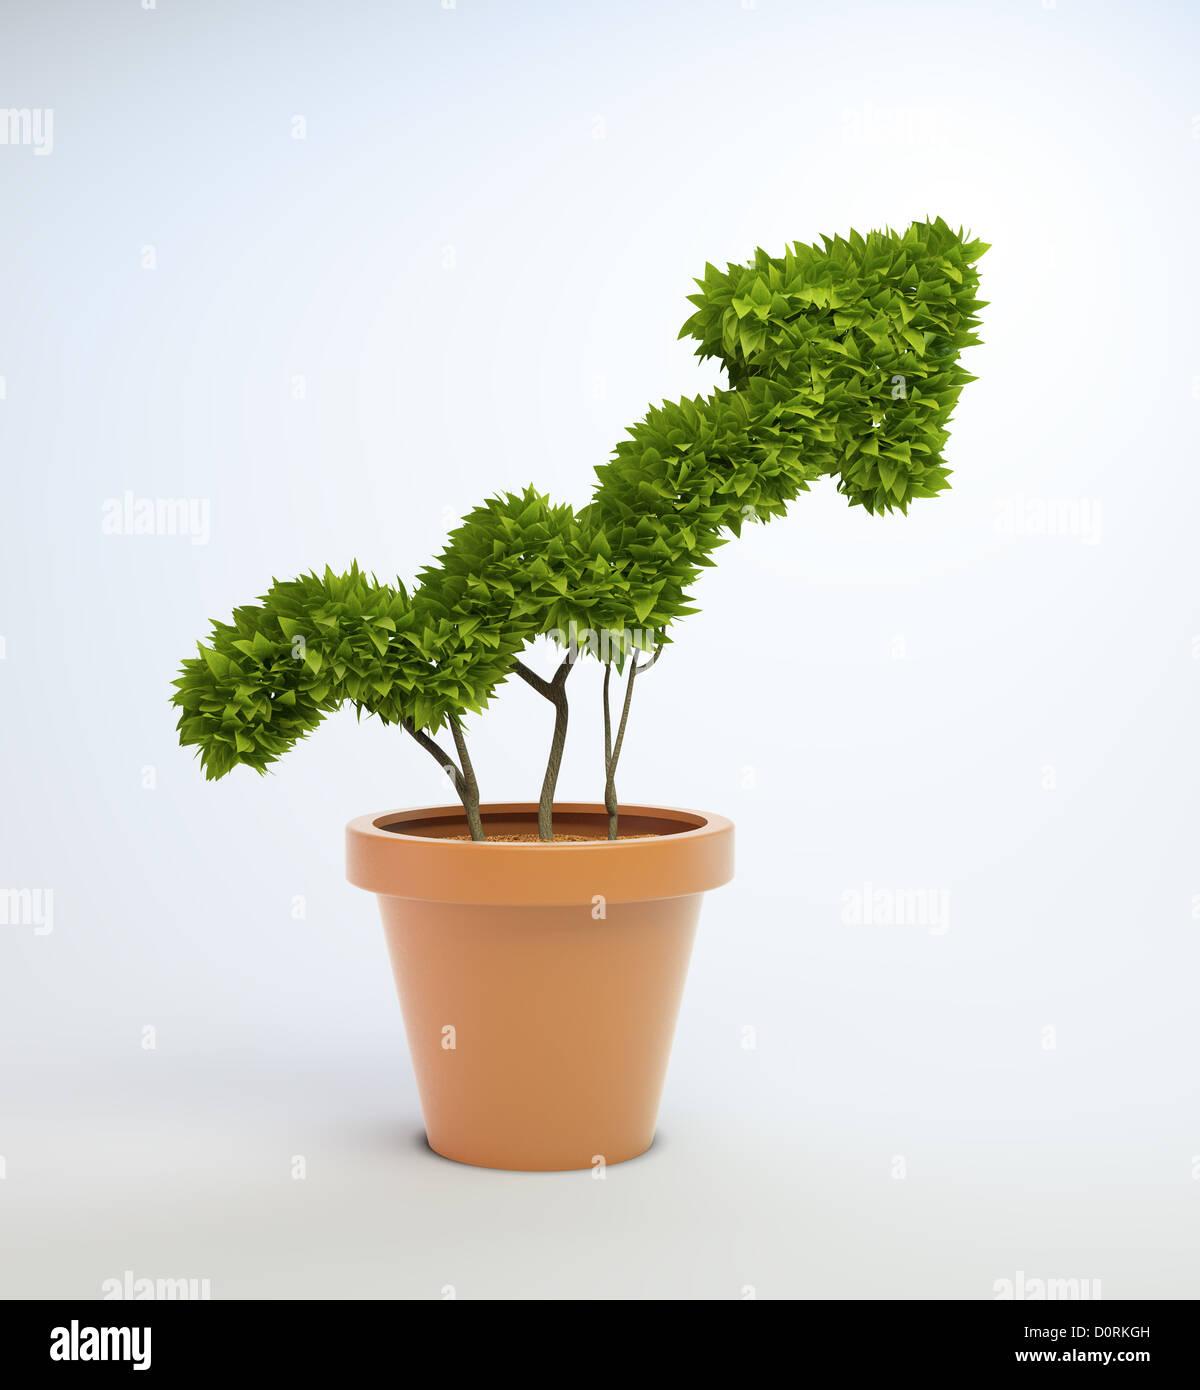 Kübelpflanze, geformt wie ein Diagramm Stockbild